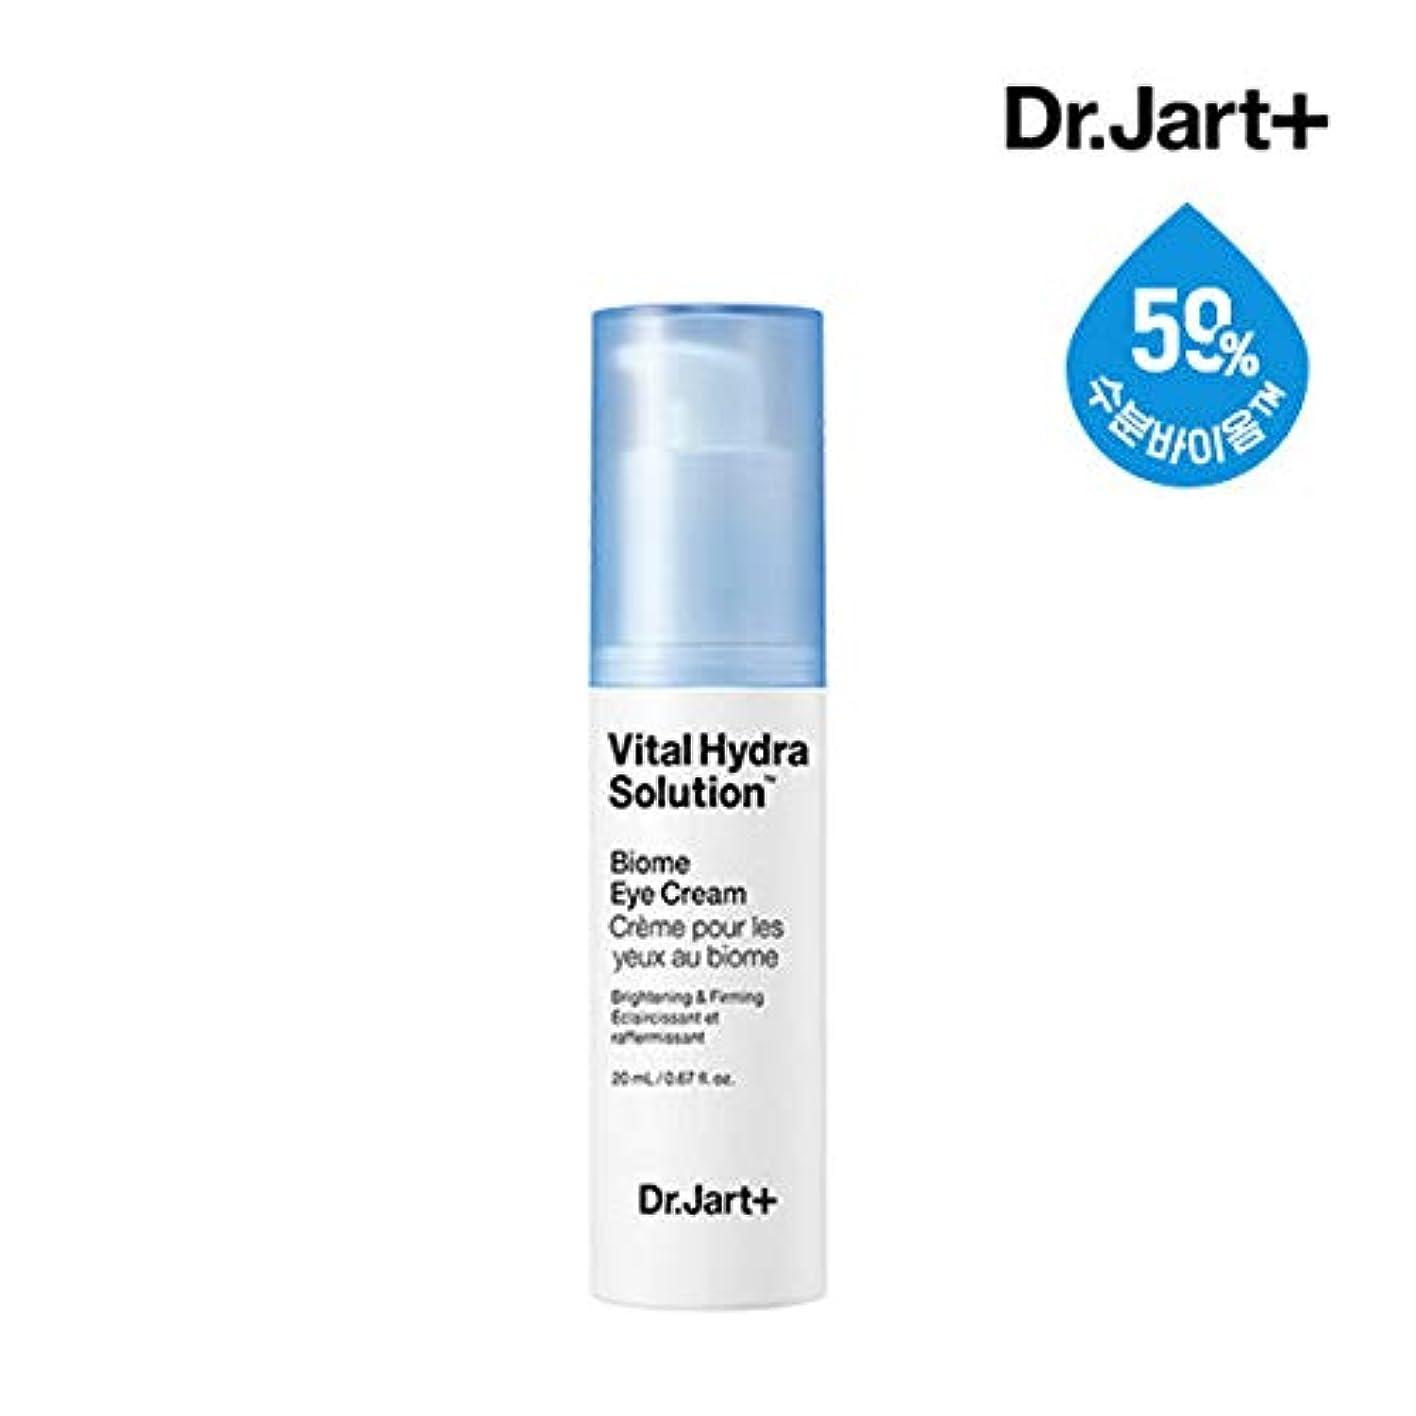 のホスト部屋を掃除するリングバックドクタージャルトゥ[Dr.Jart+] バイタルハイドラソリューションバイオームアイクリーム20ml (Vital Hydra Solution Biome Eye Cream) / ブライトニング&ファーミング